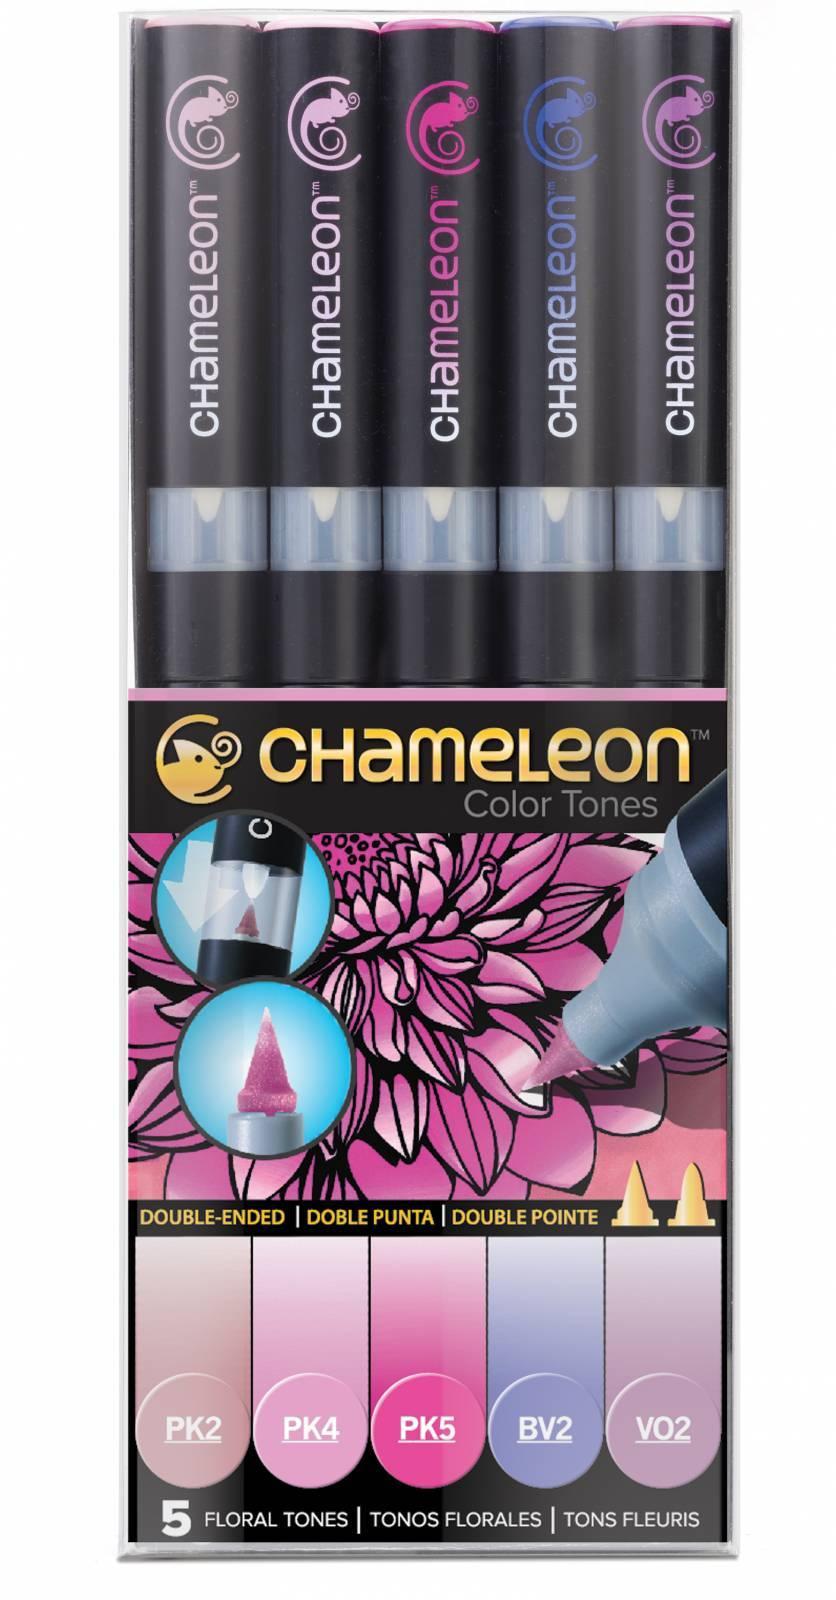 Kit Chameleon 5 canetas - Tons Florais - Papelaria Botafogo